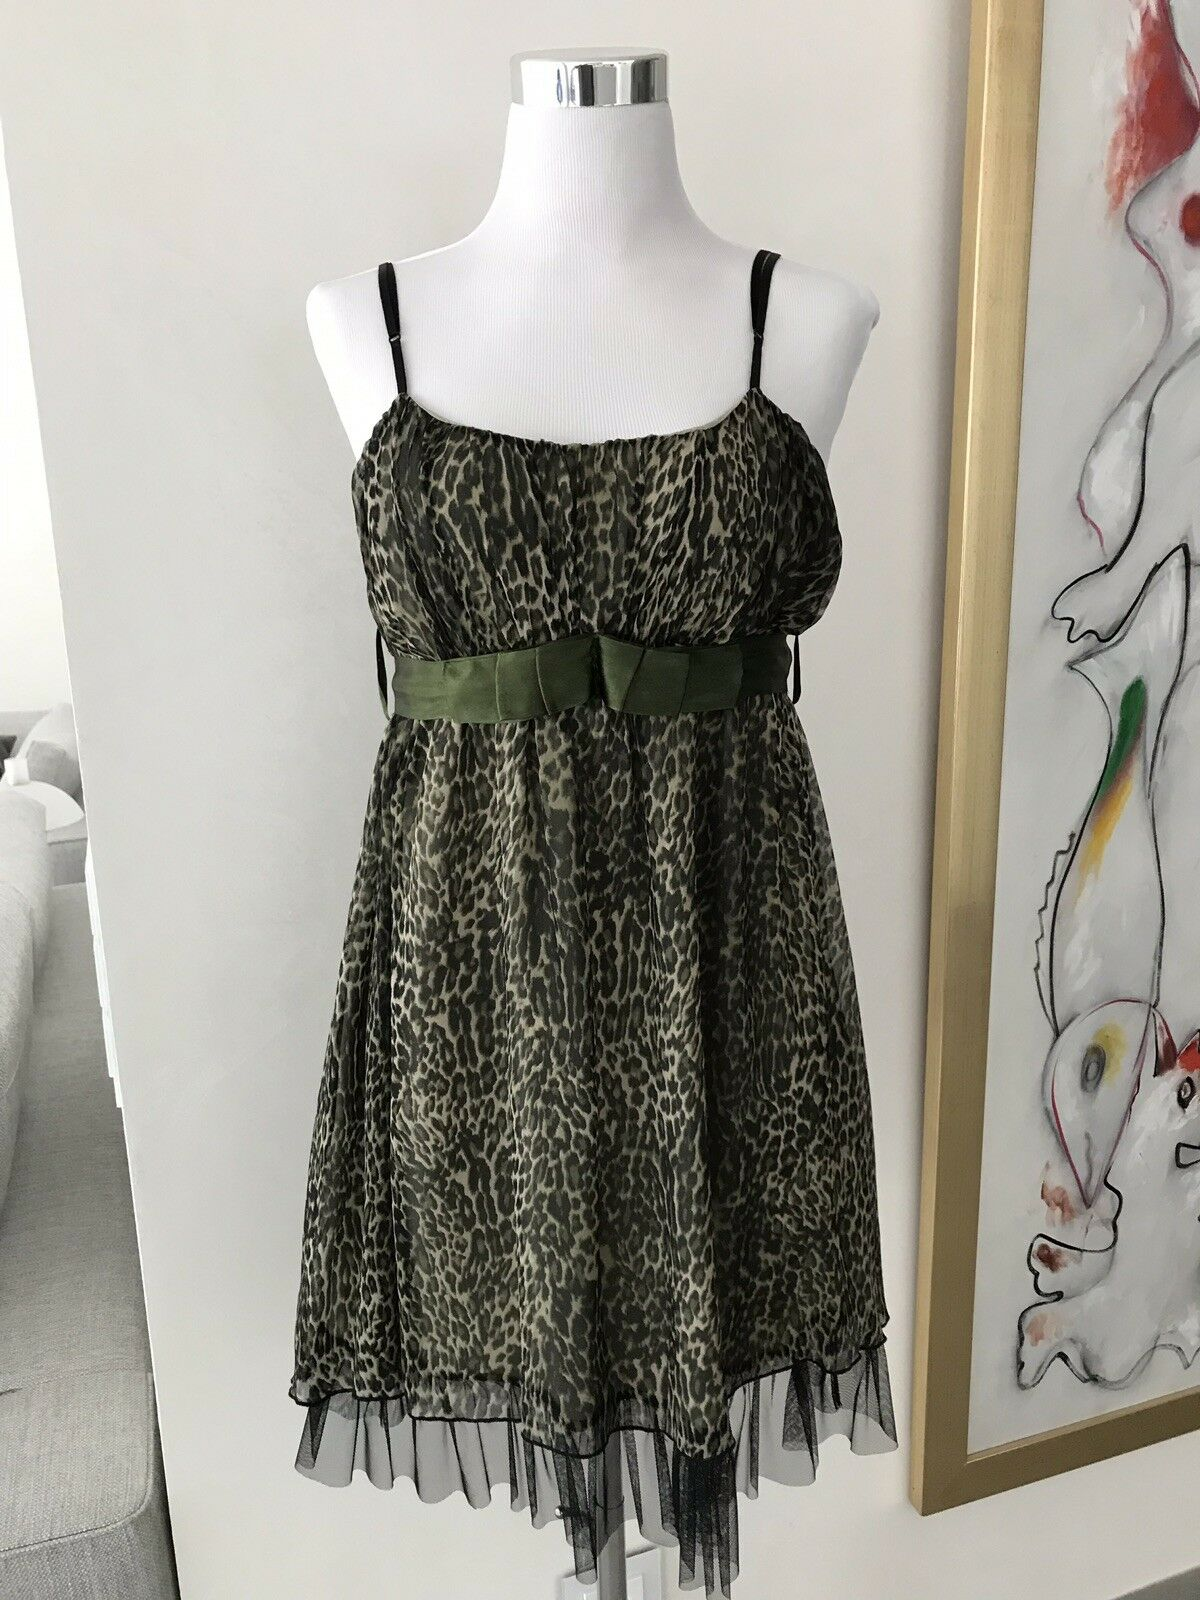 CHLOÉ Seidenkleid Kleid 2 lagig Leopard deutsche Gr. 40 eher 38